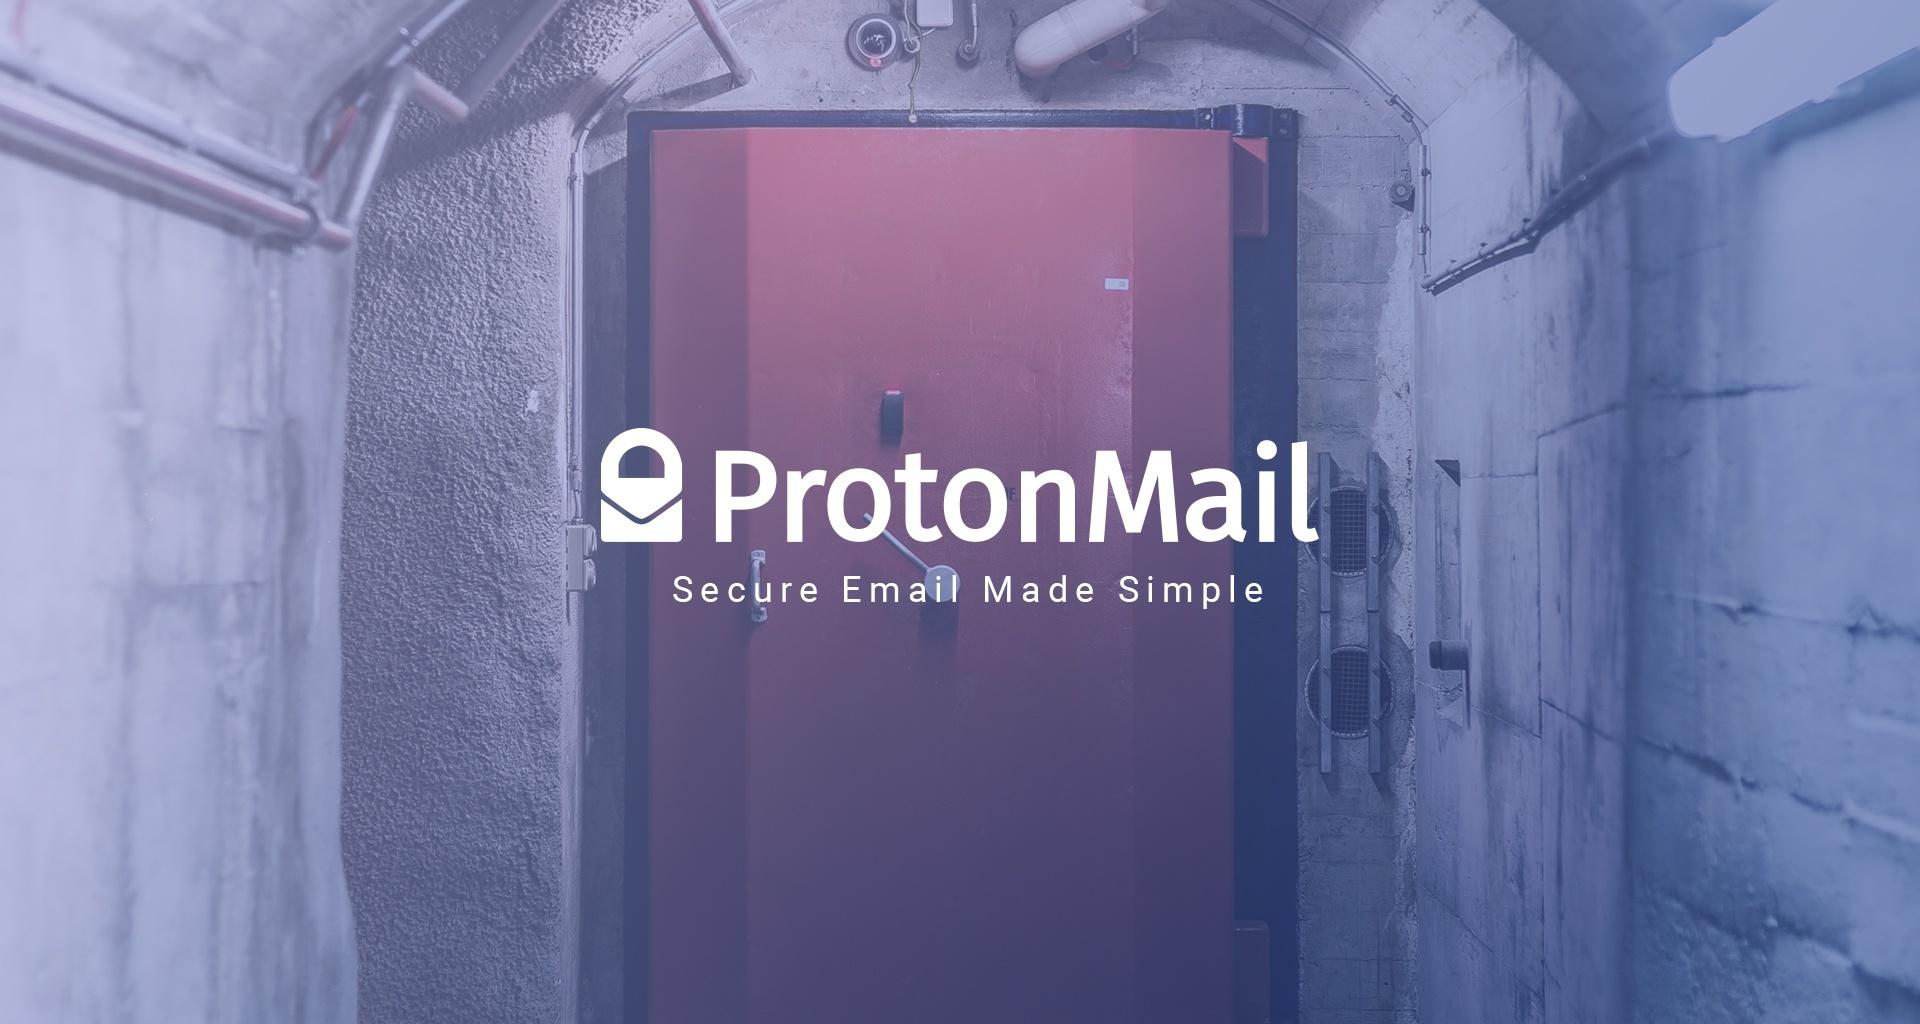 ProtonMail обвинили в слежке за пользователями и помощи правоохранительным органам